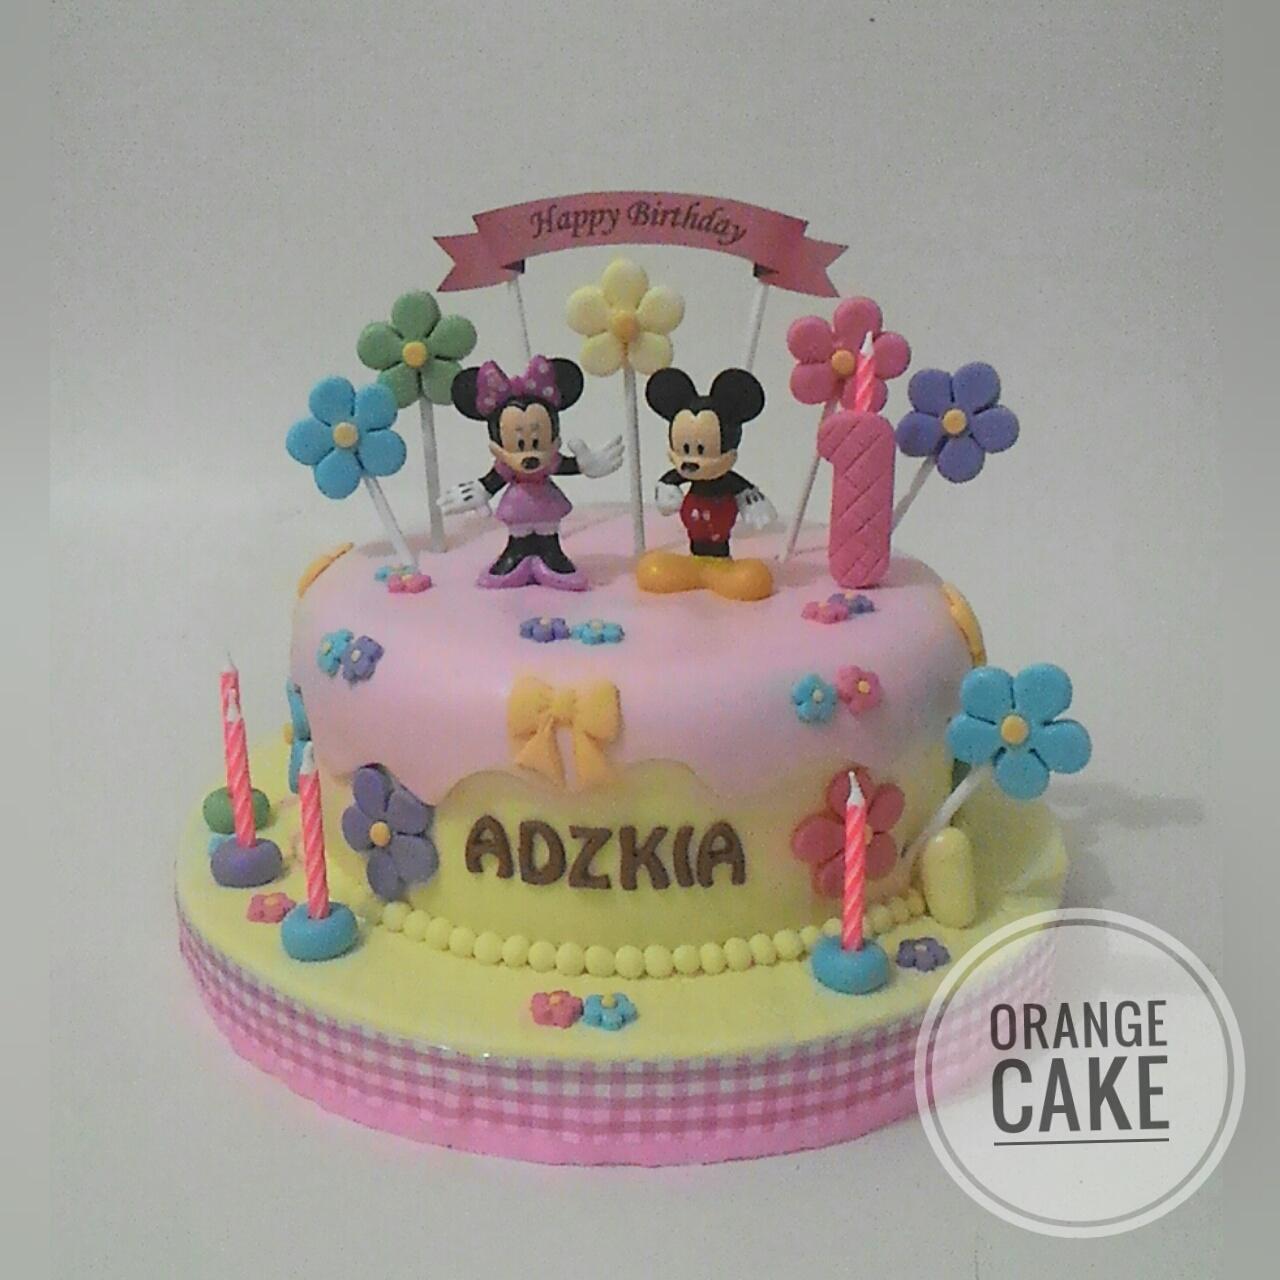 Orange Cake Minnie N Mickey Birthday Cake For Adzkia